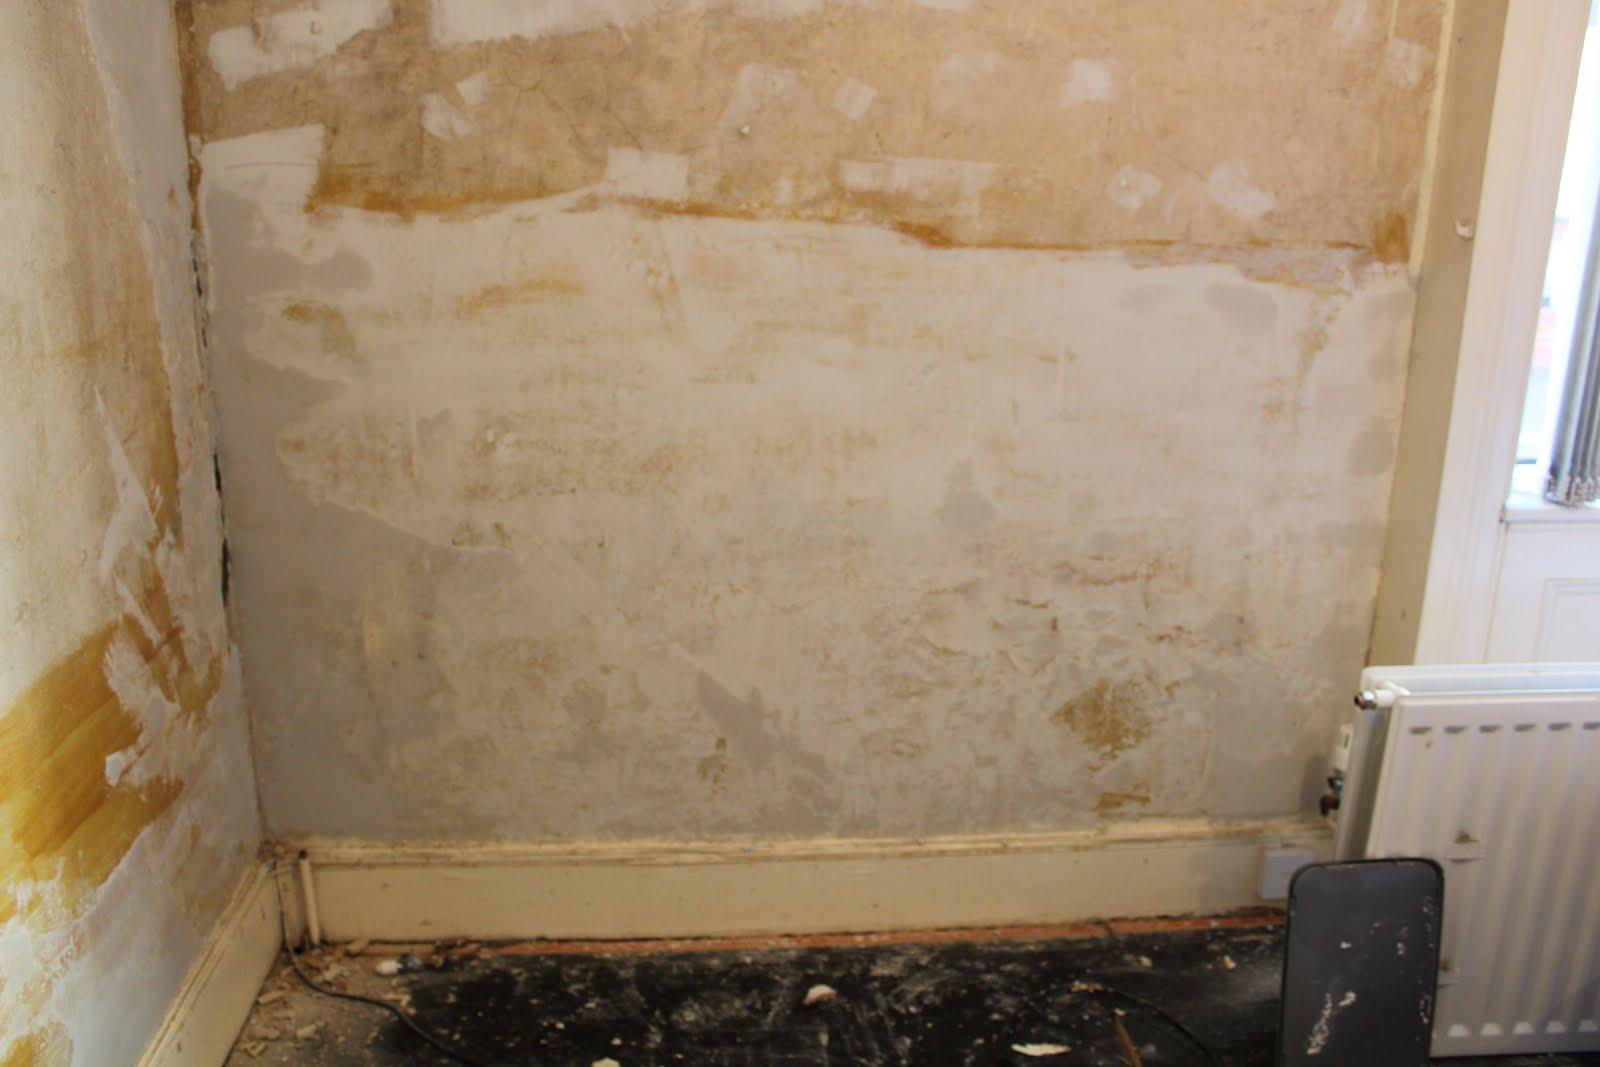 repairing bumpy plaster